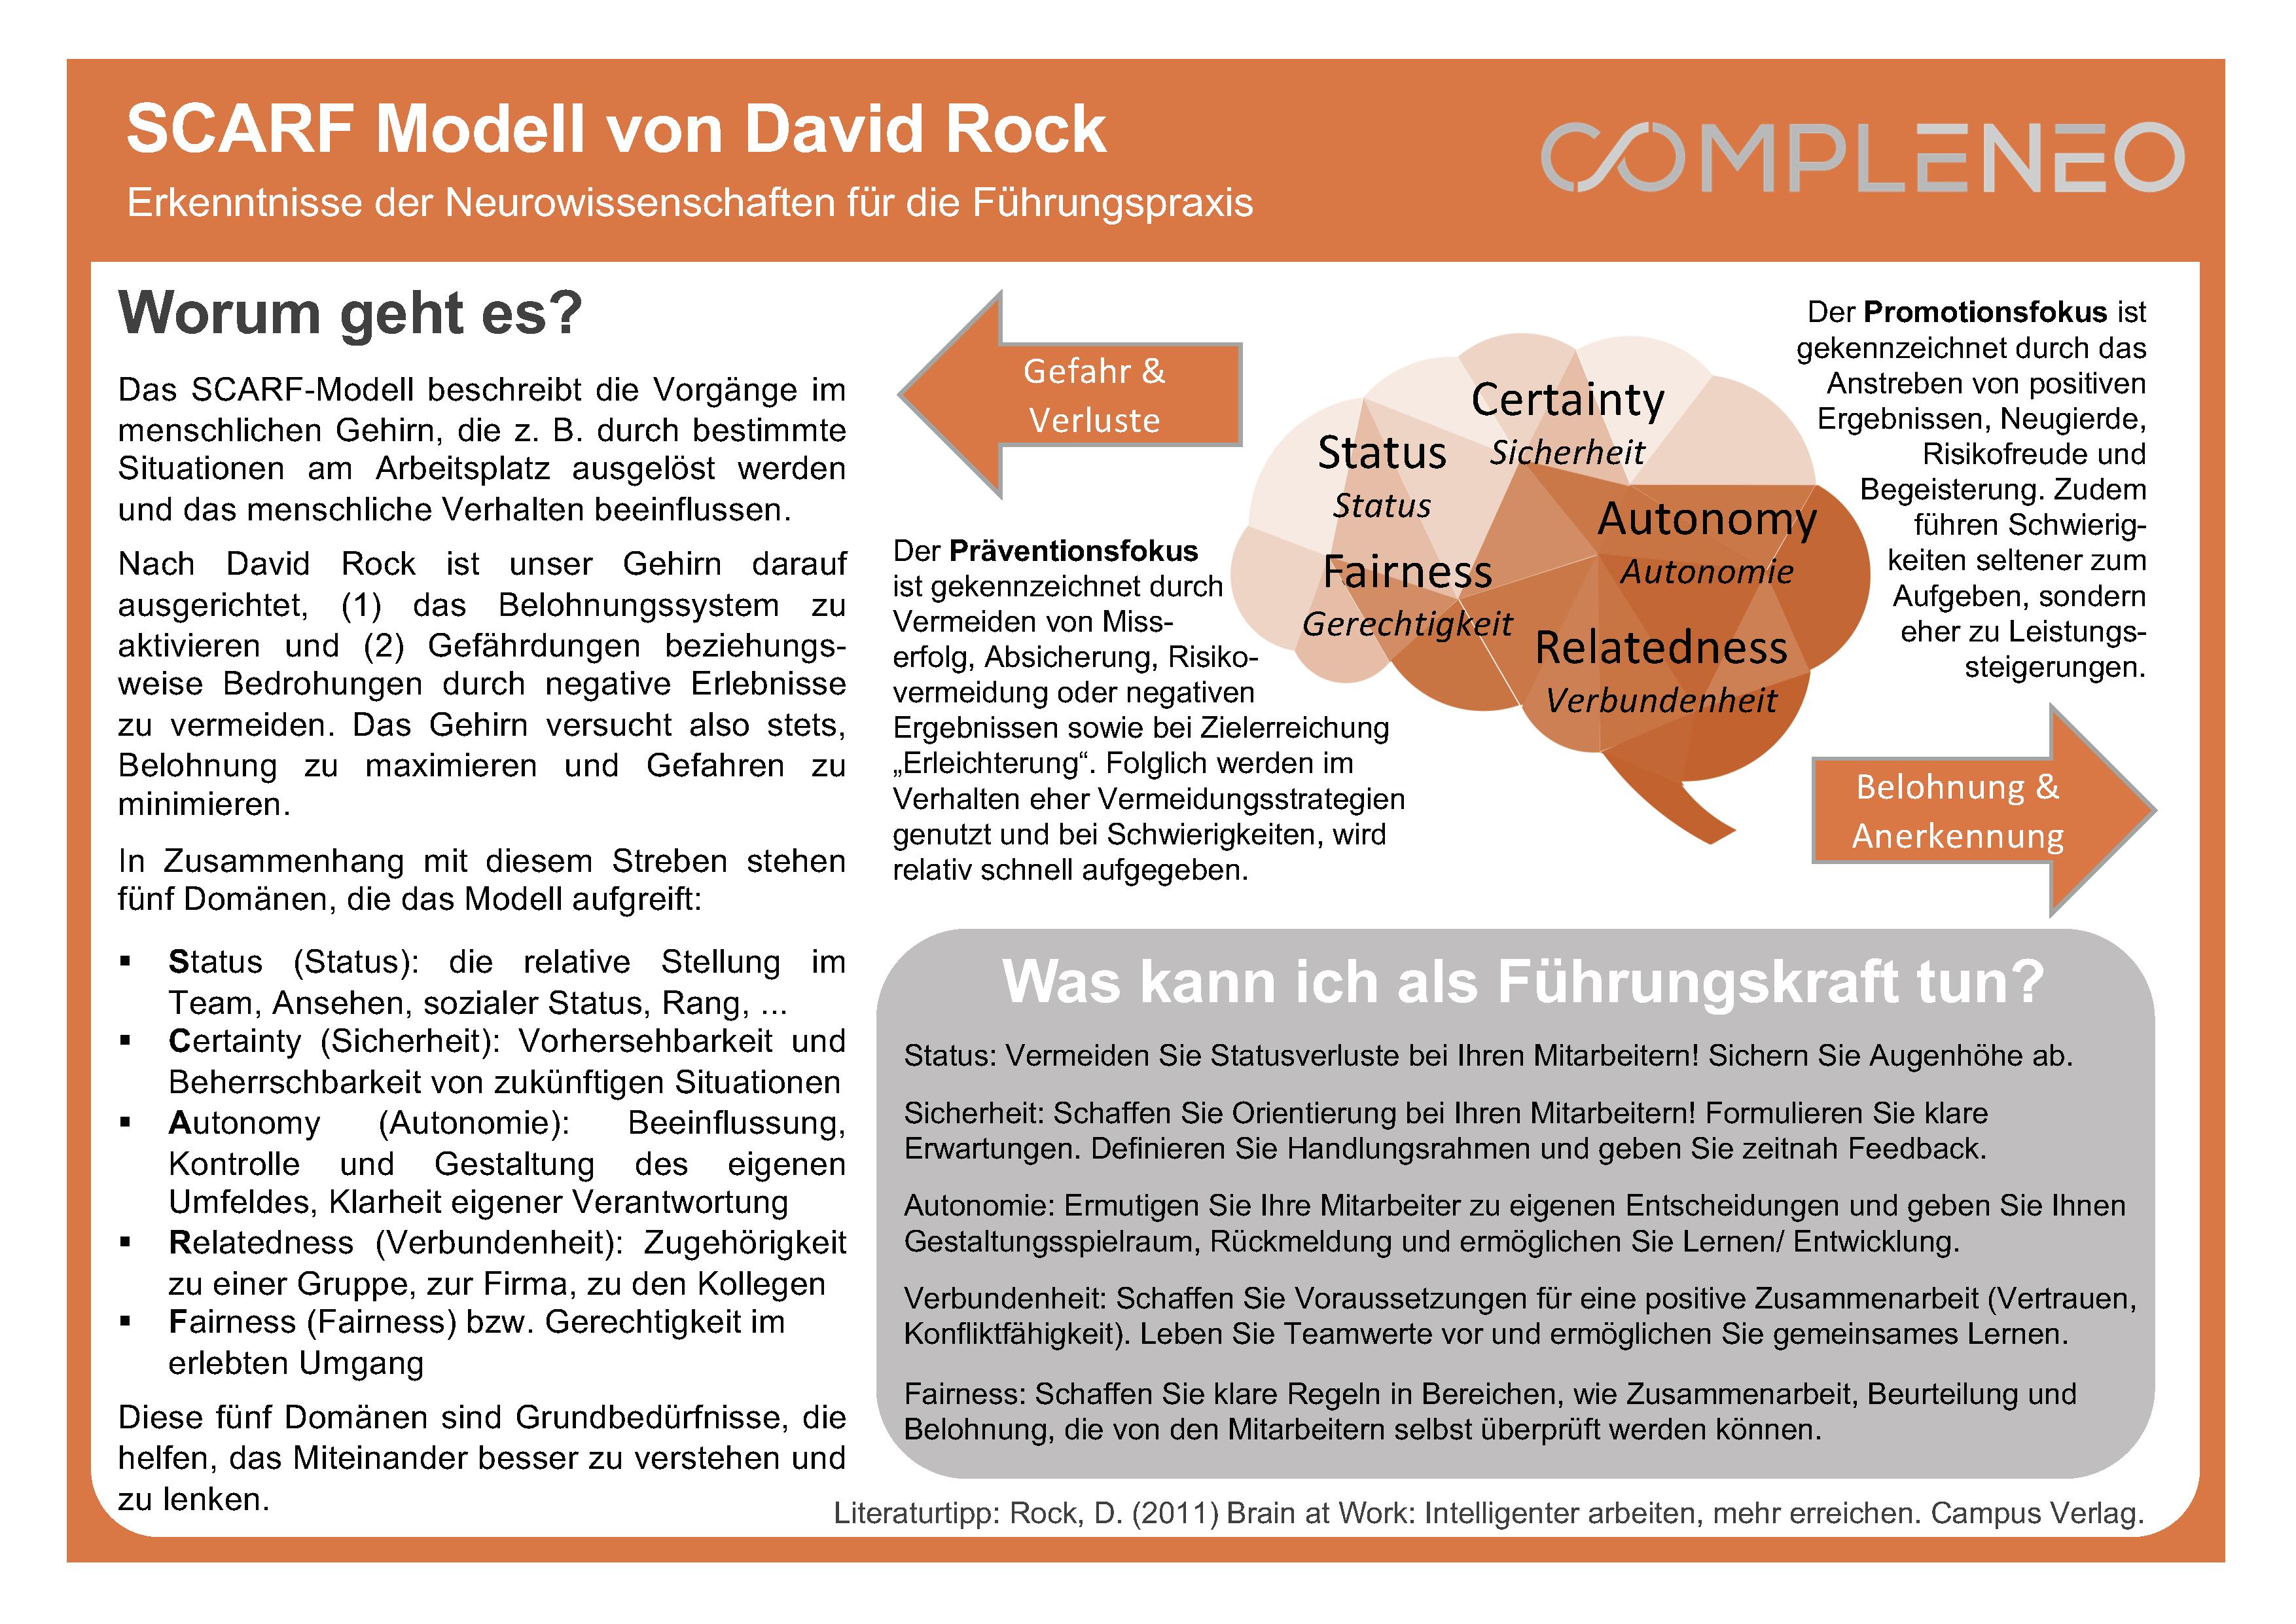 Scarf Modell von David Rock